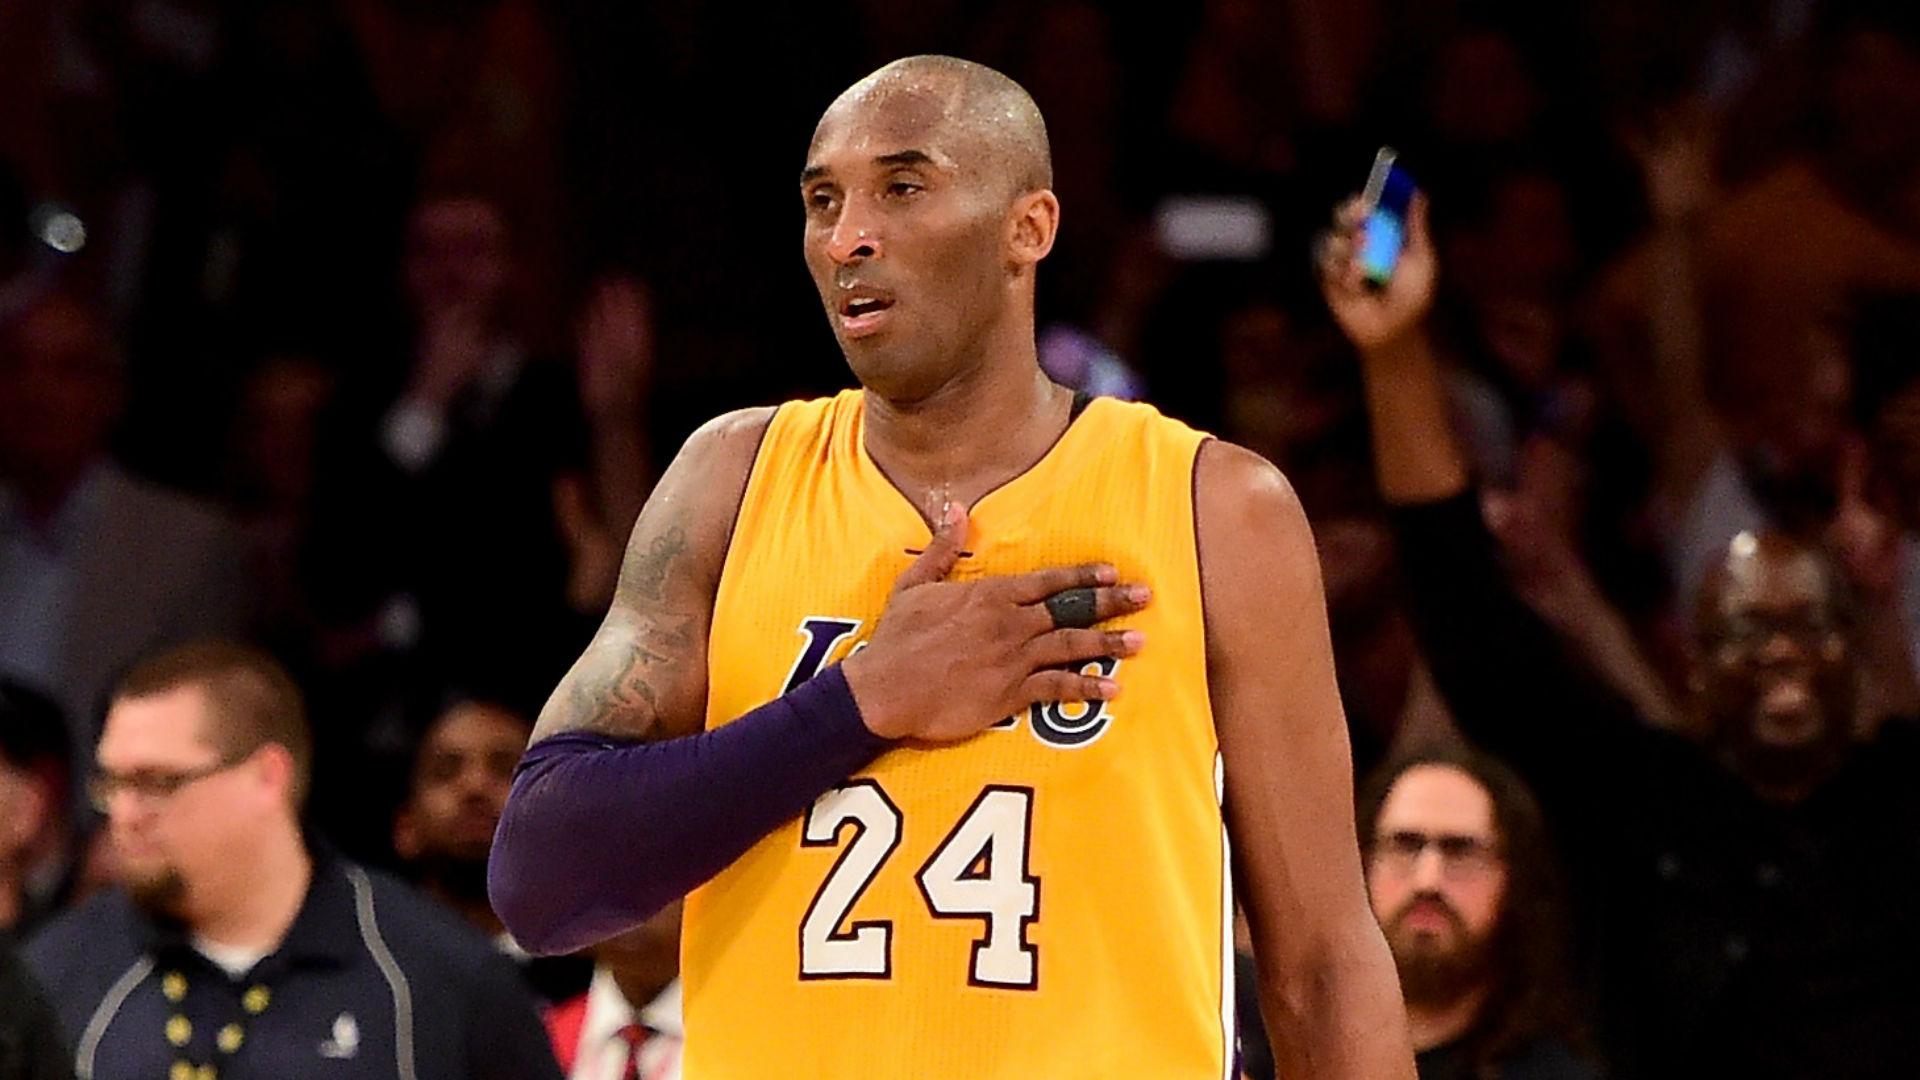 Kobe Bryant dead: Tom Brady, Usain Bolt and Neymar lead tributes